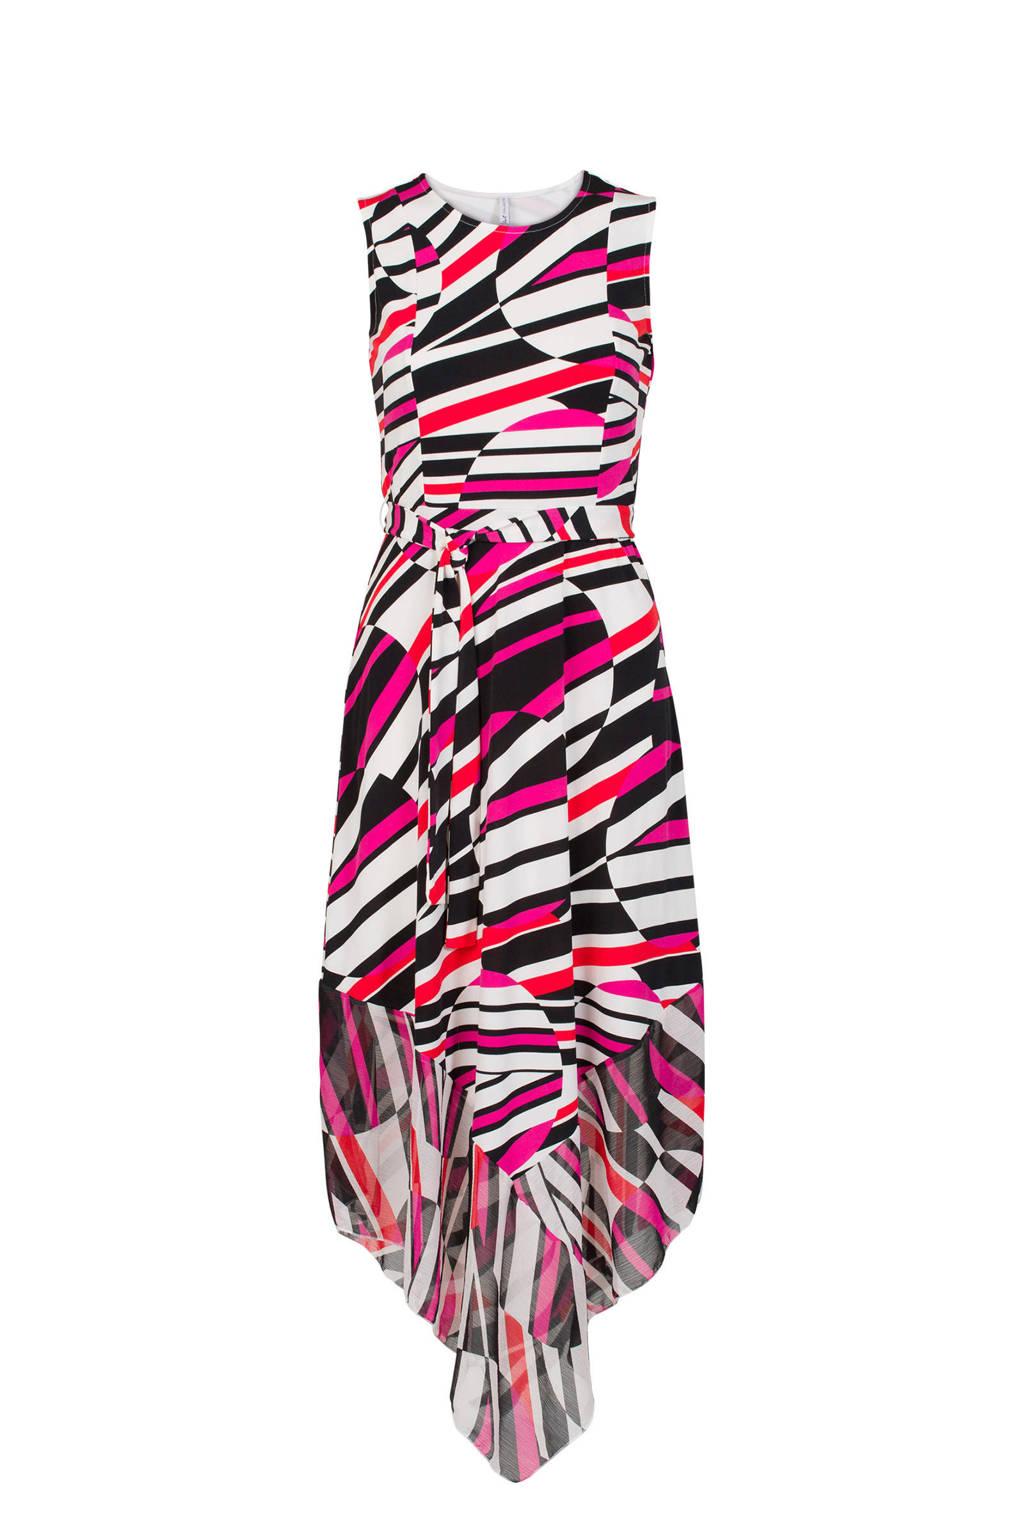 Miss Etam Regulier jurk met all over print roze/zwart, Roze/zwart